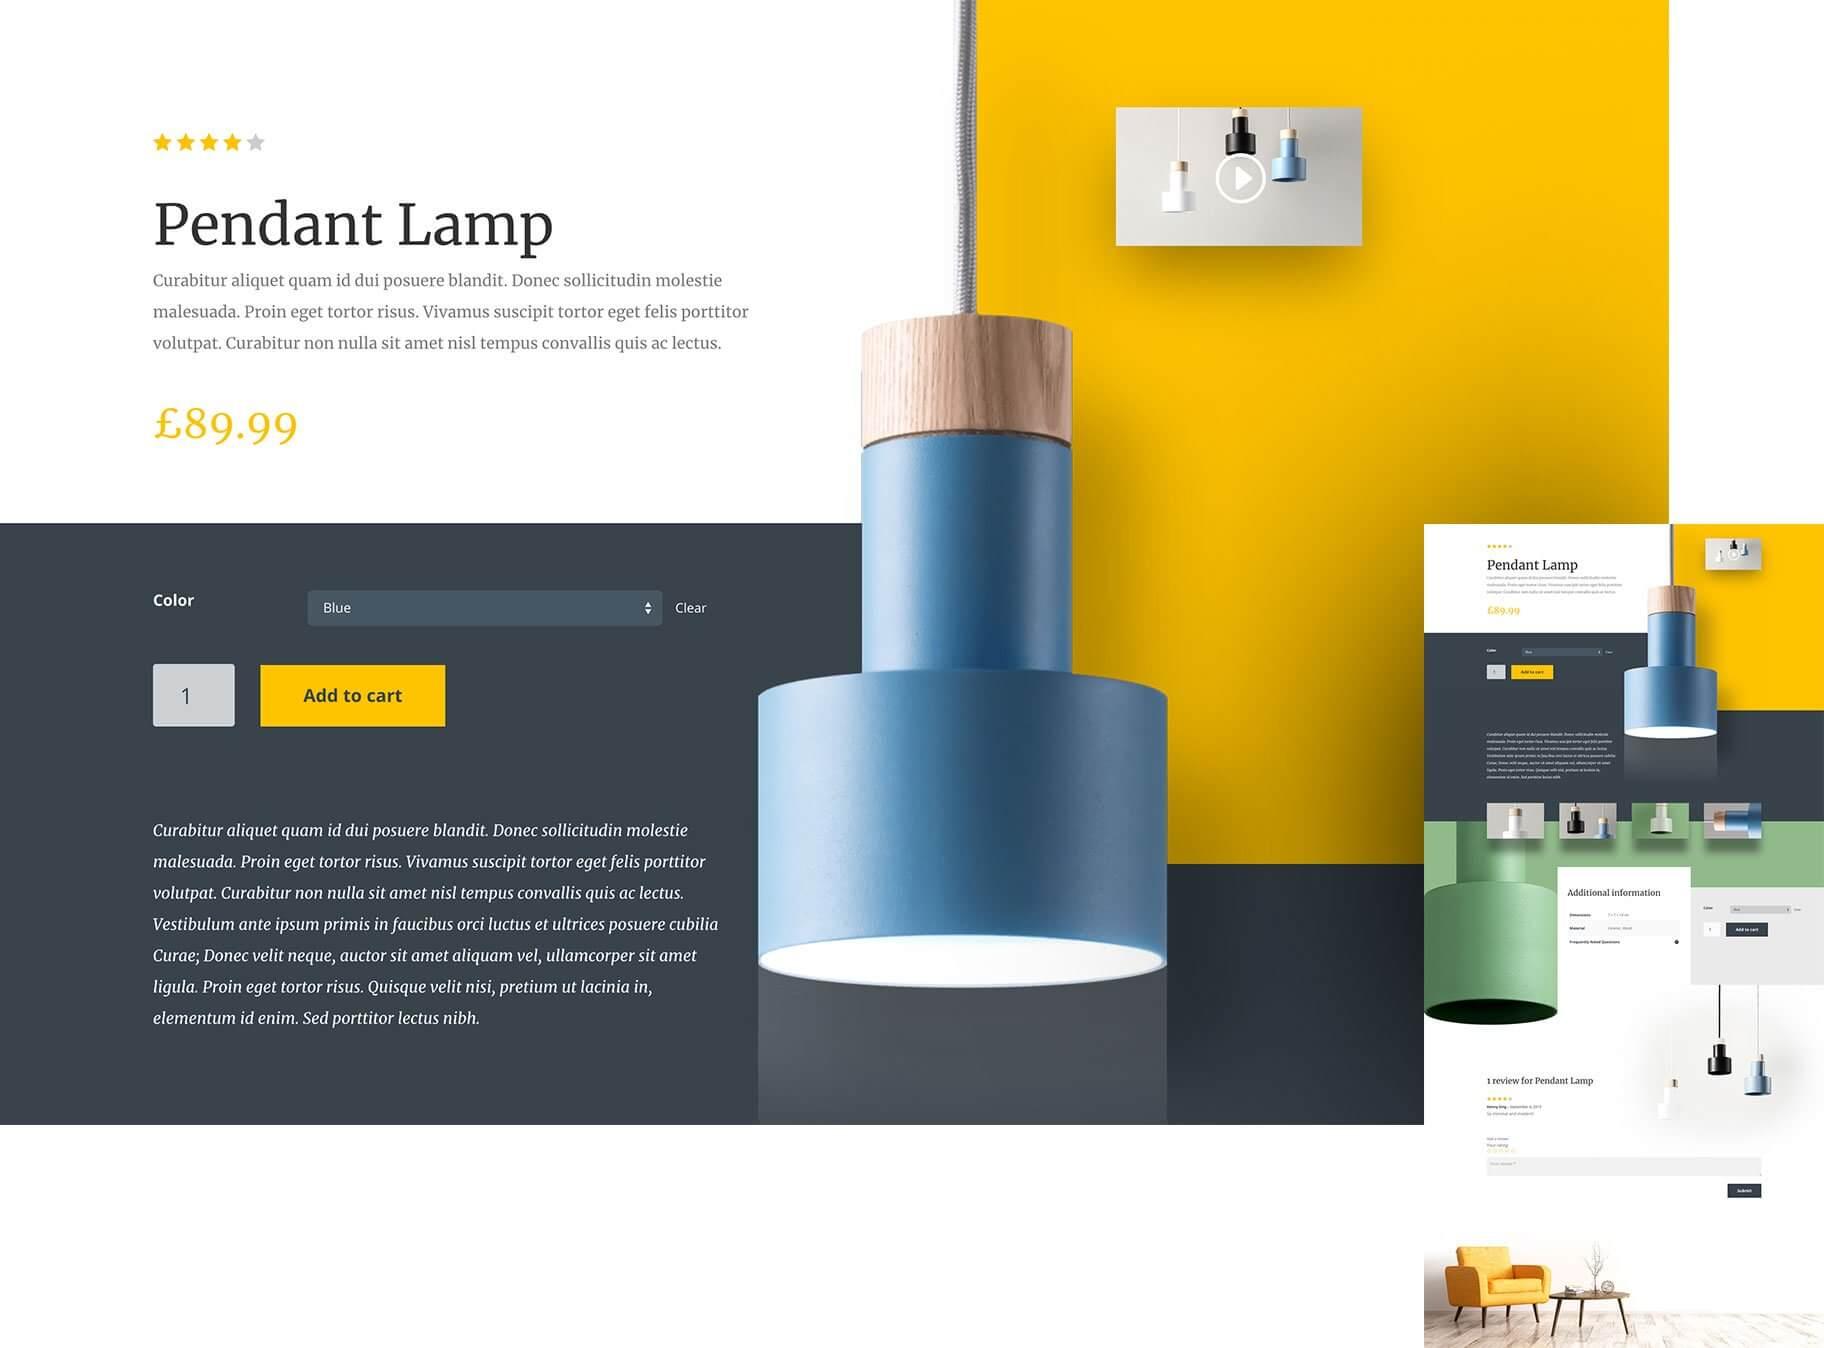 divi review of divi woocommerce builder example lamp